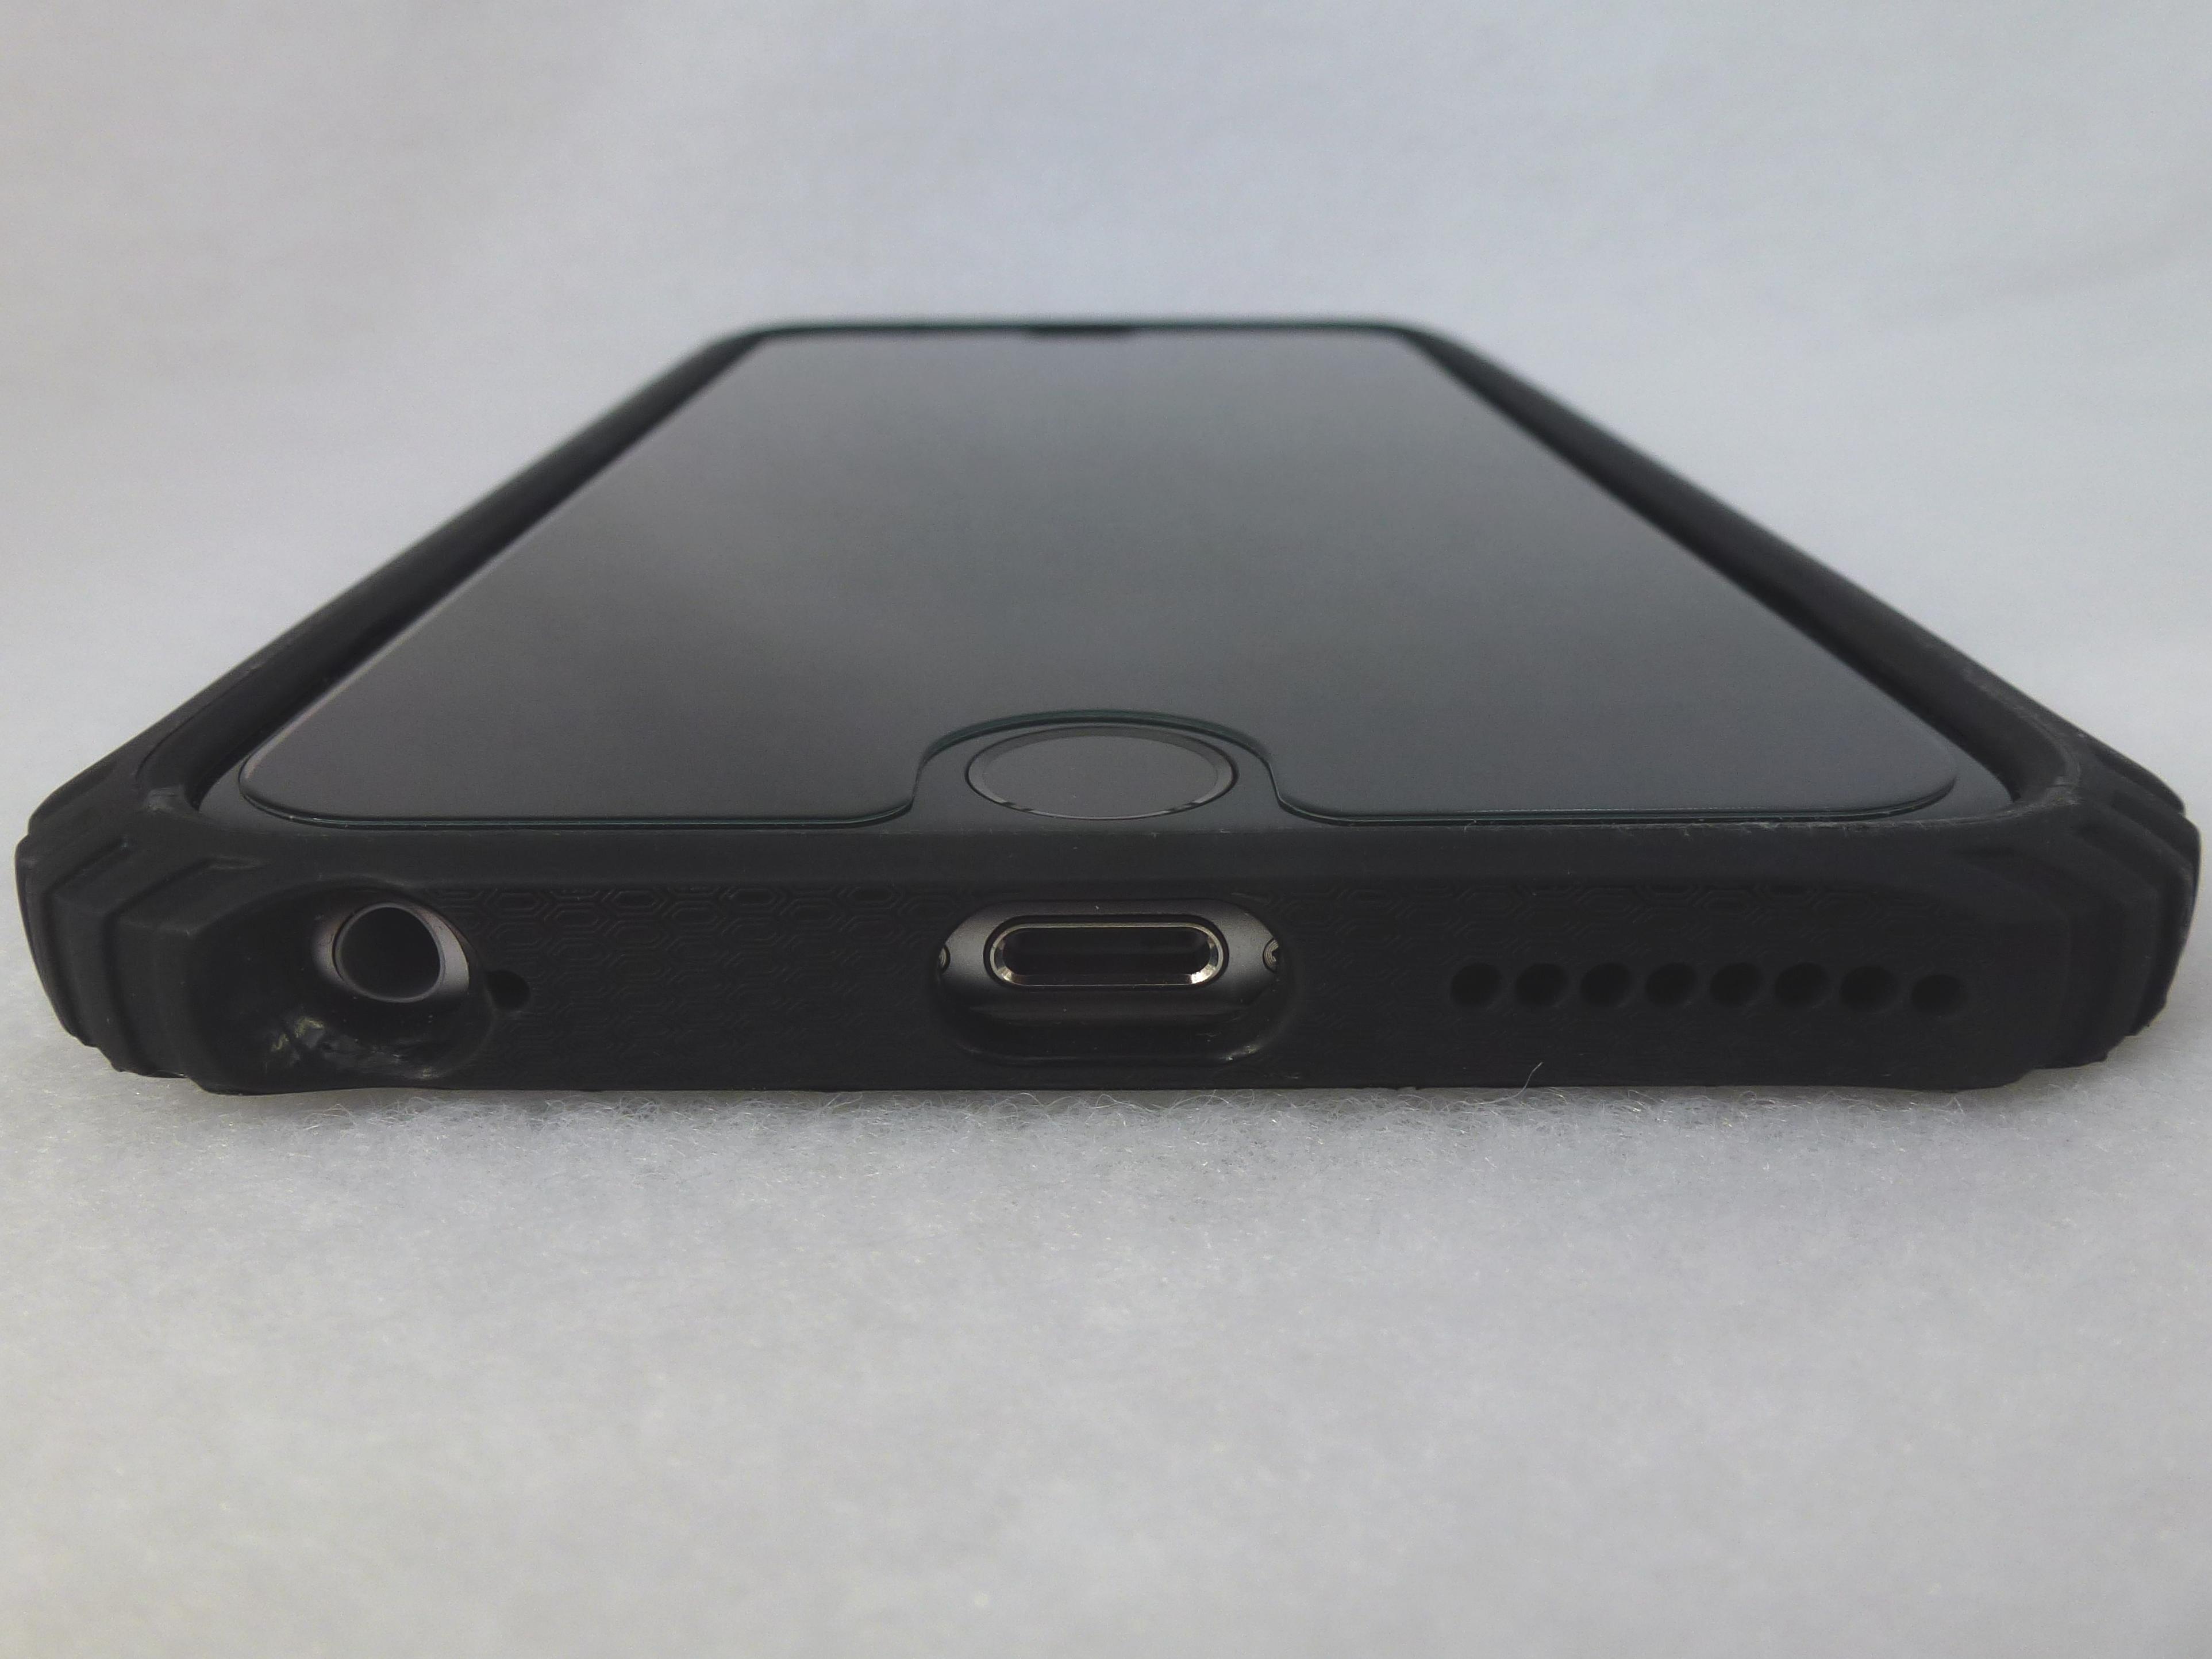 finest selection 1db6b f46bd Review: Griffin Survivor Core for iPhone 6 Plus-Impressive! - Tech ...